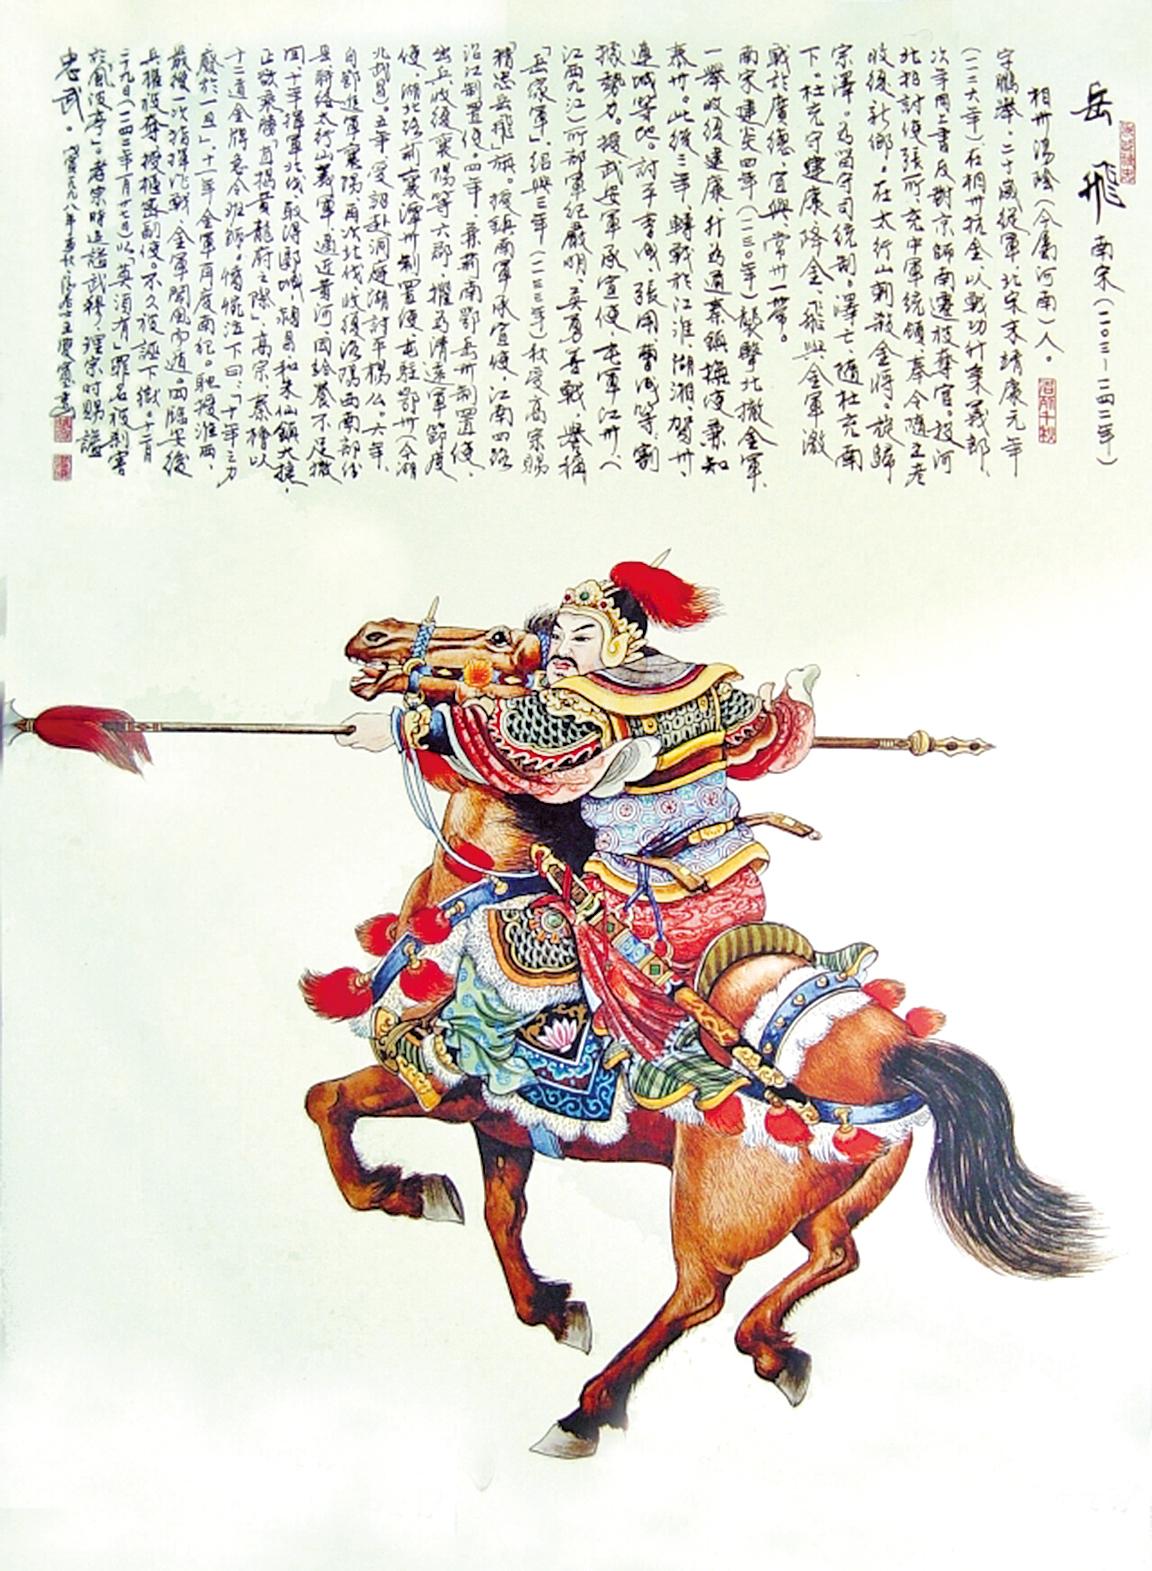 岳飛精忠報國,文武雙全(王雙寬提供)